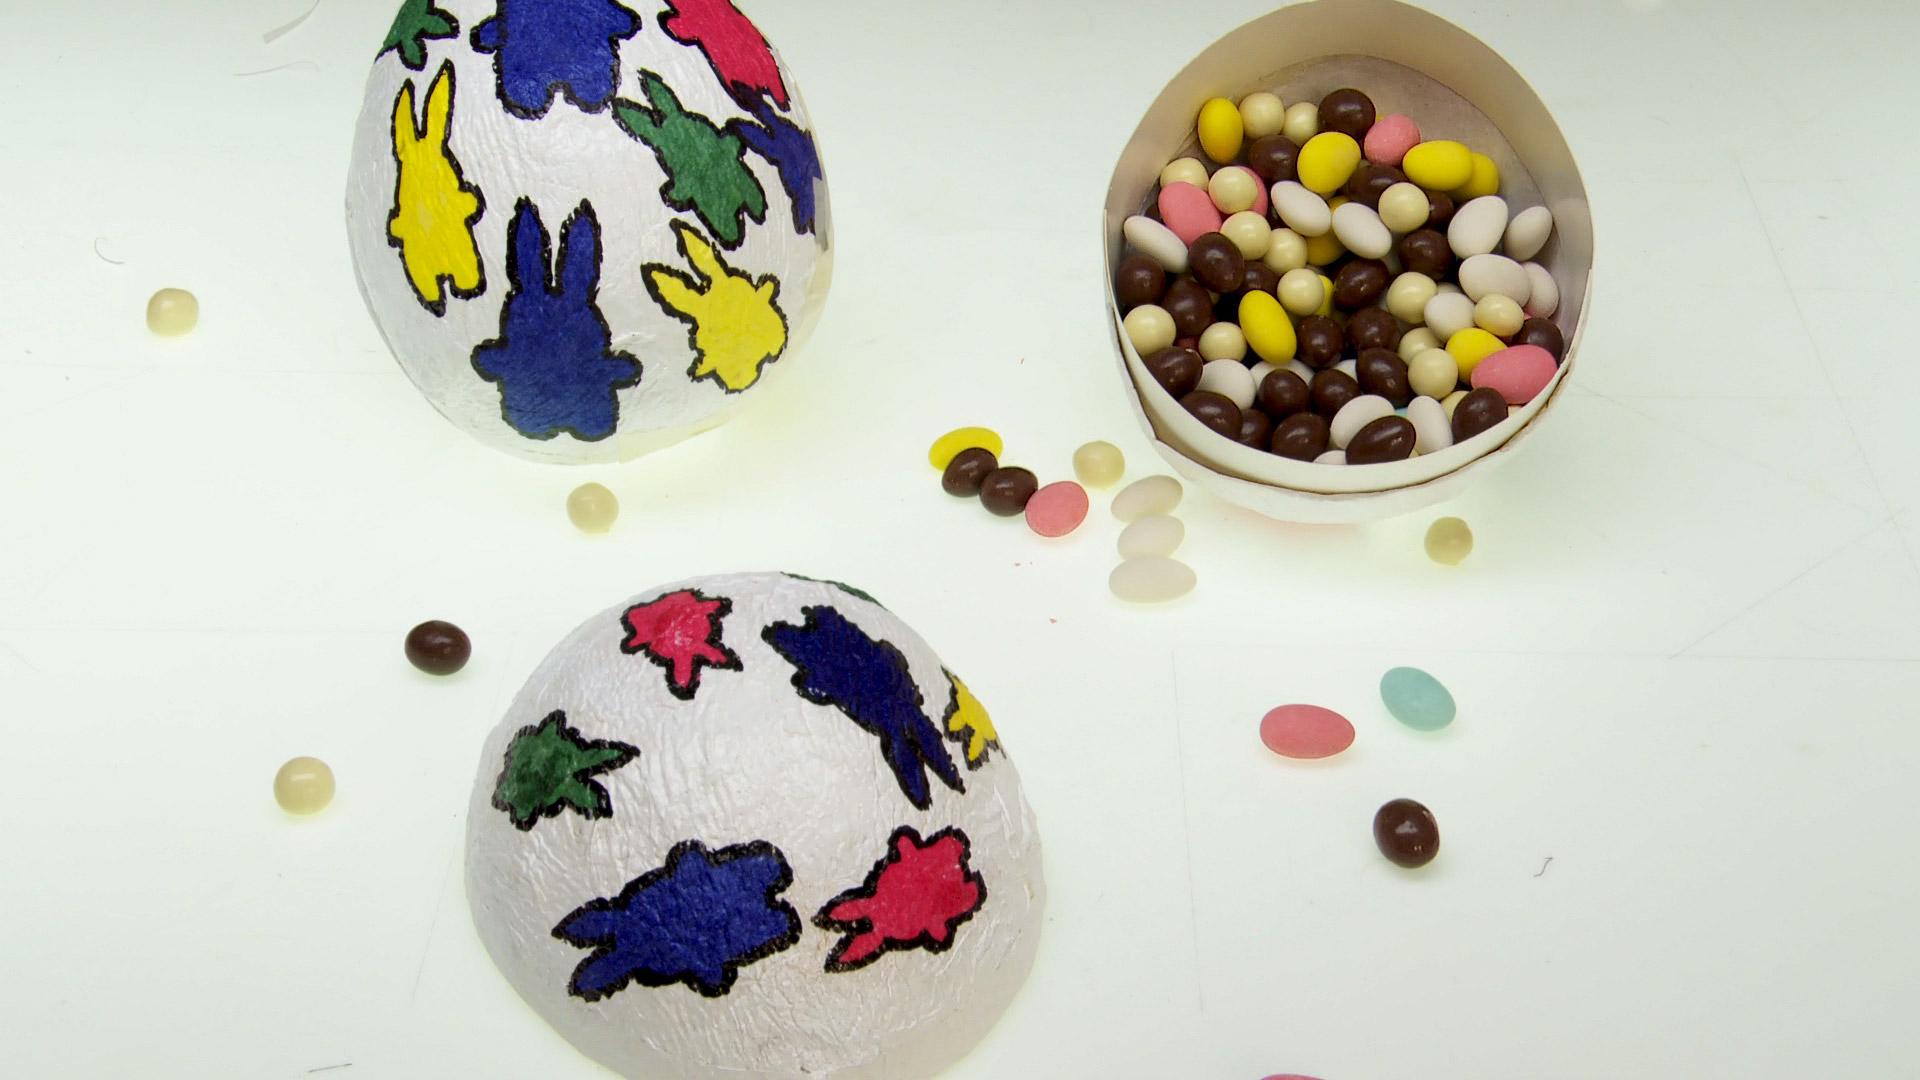 Para la Pascua es buena idea hacer nuestros propios huevos, donde podamos guardar los de chocolate, incluso sirven para decorar durante esta fiesta. Se pueden hacer de diferentes tamaño y motivos, ya que la forma y porte la da un globo inflado que se puede regular según la medida que queramos.